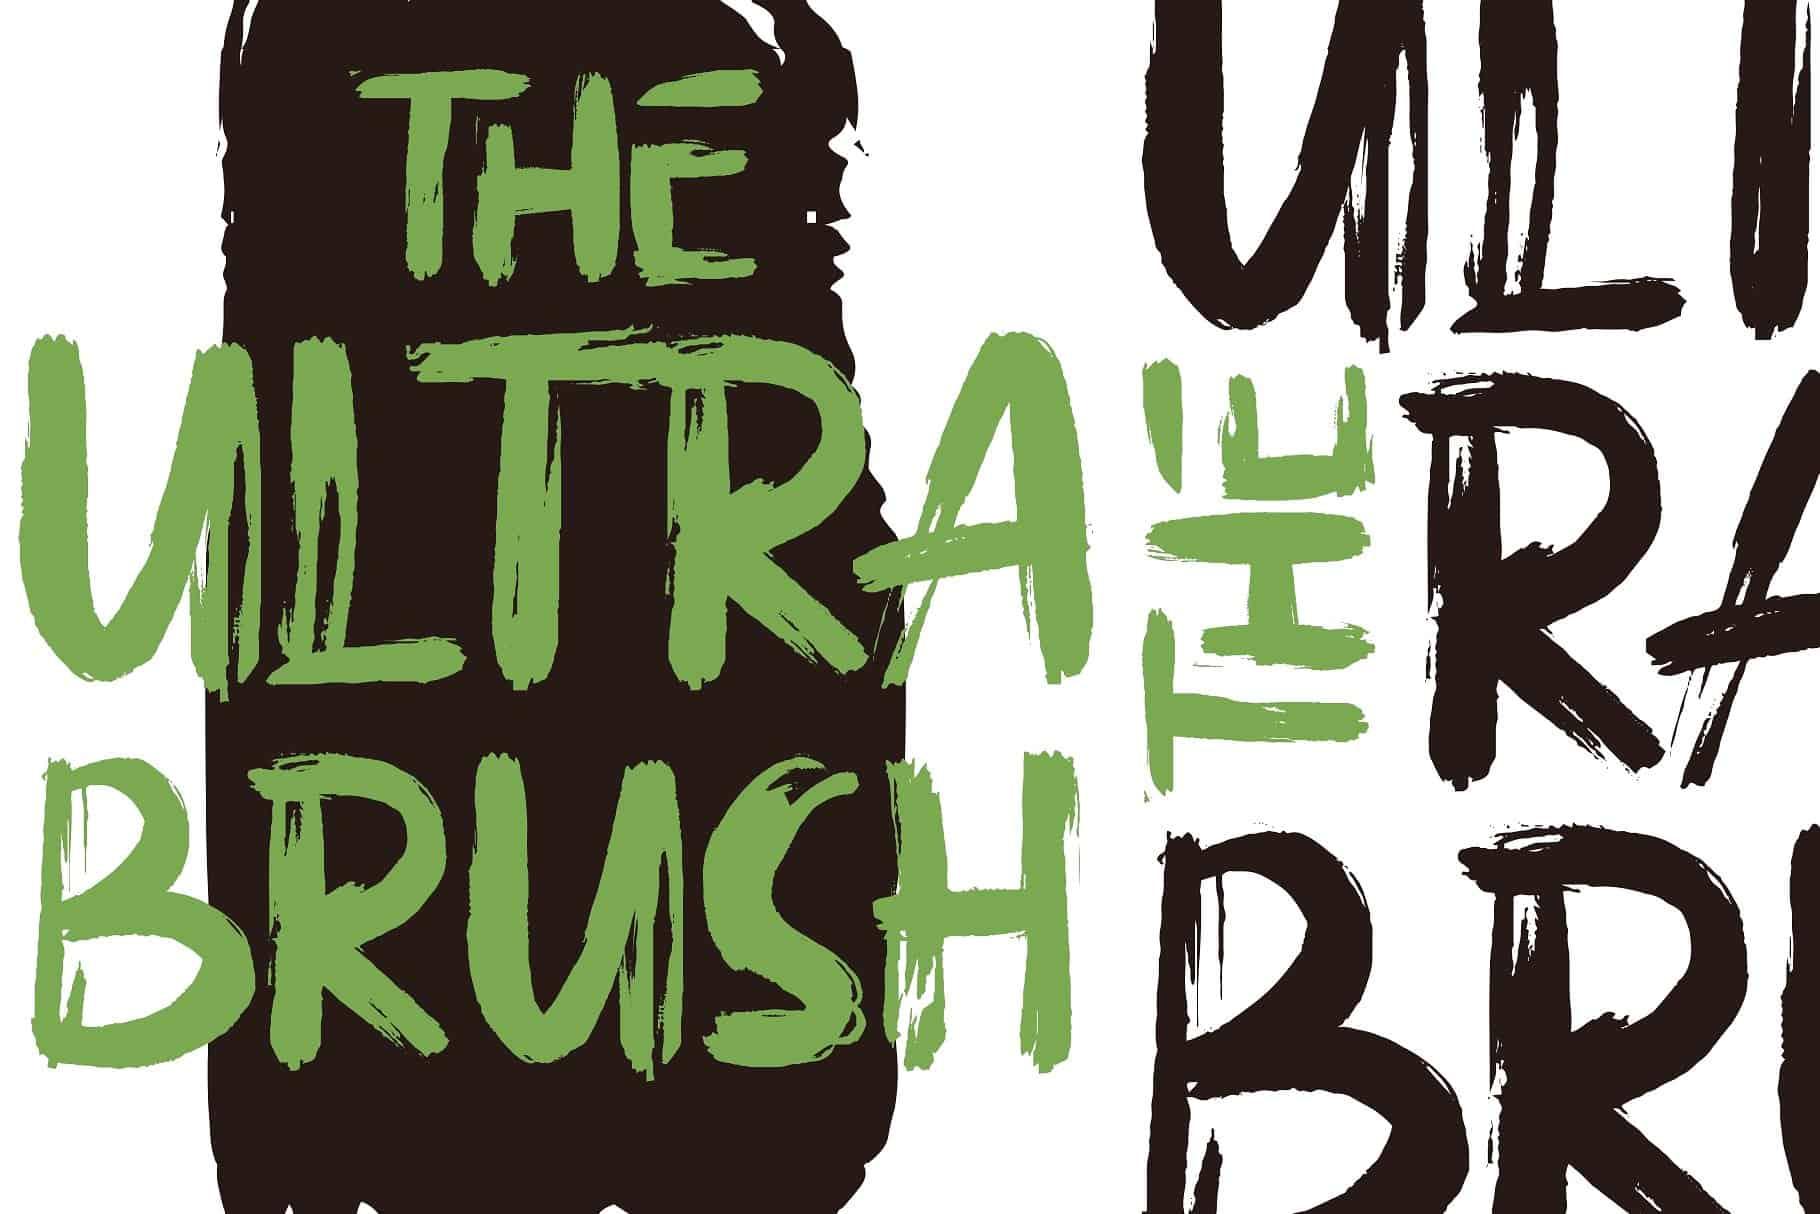 The Ultra Brush шрифт скачать бесплатно